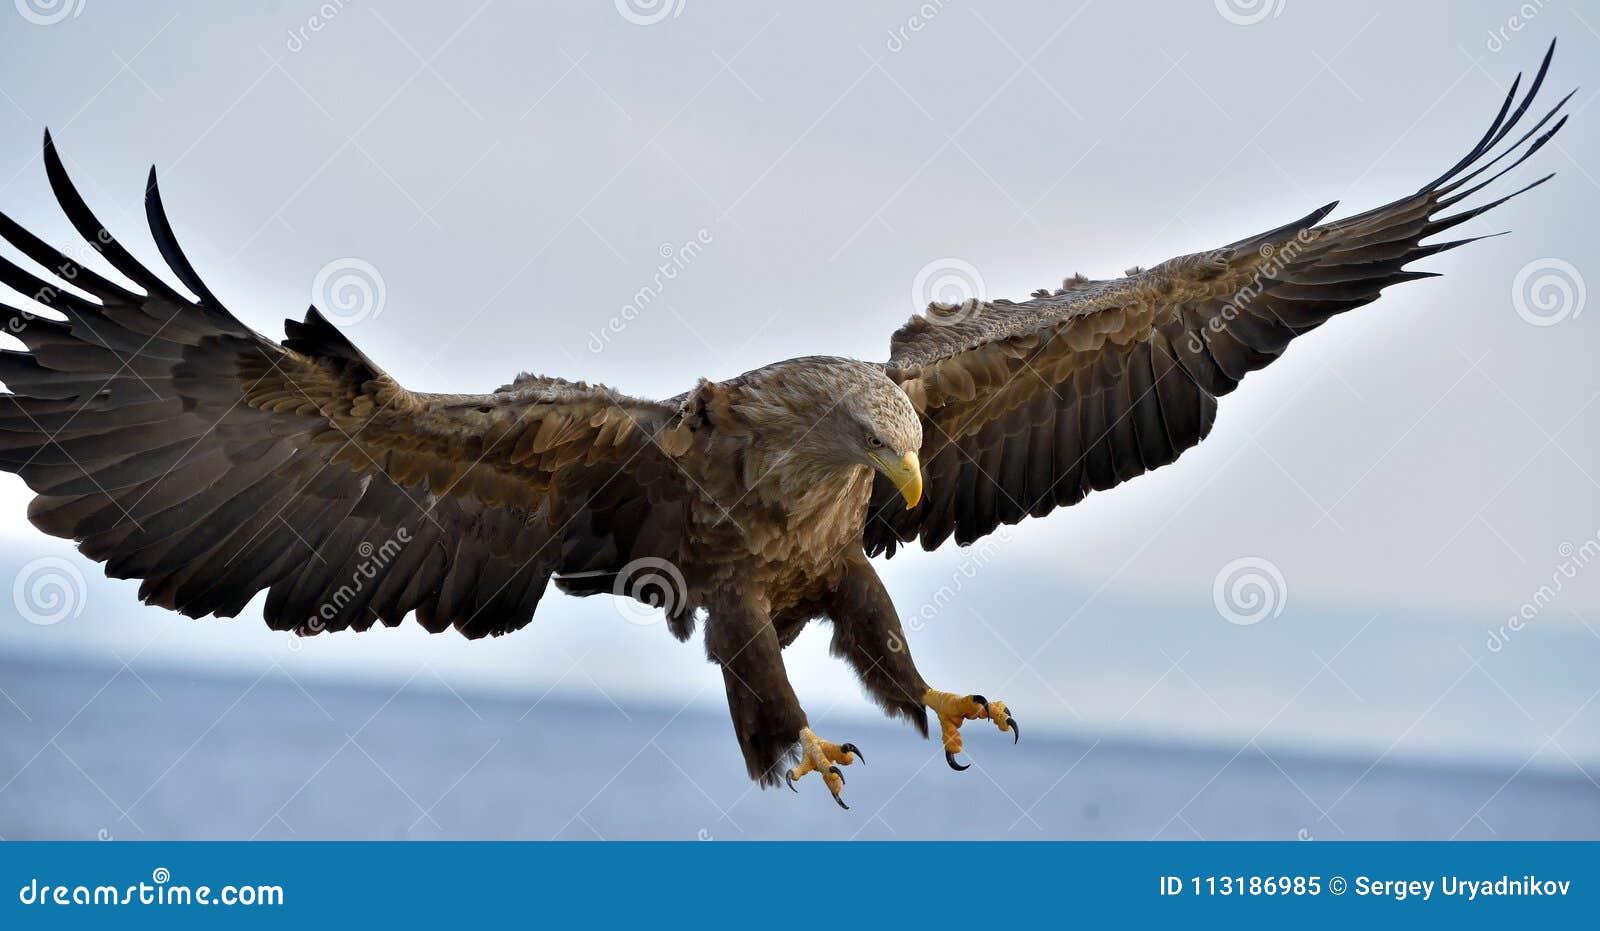 Erwachsener Seeadler im Flug Hintergrund des blauen Himmels